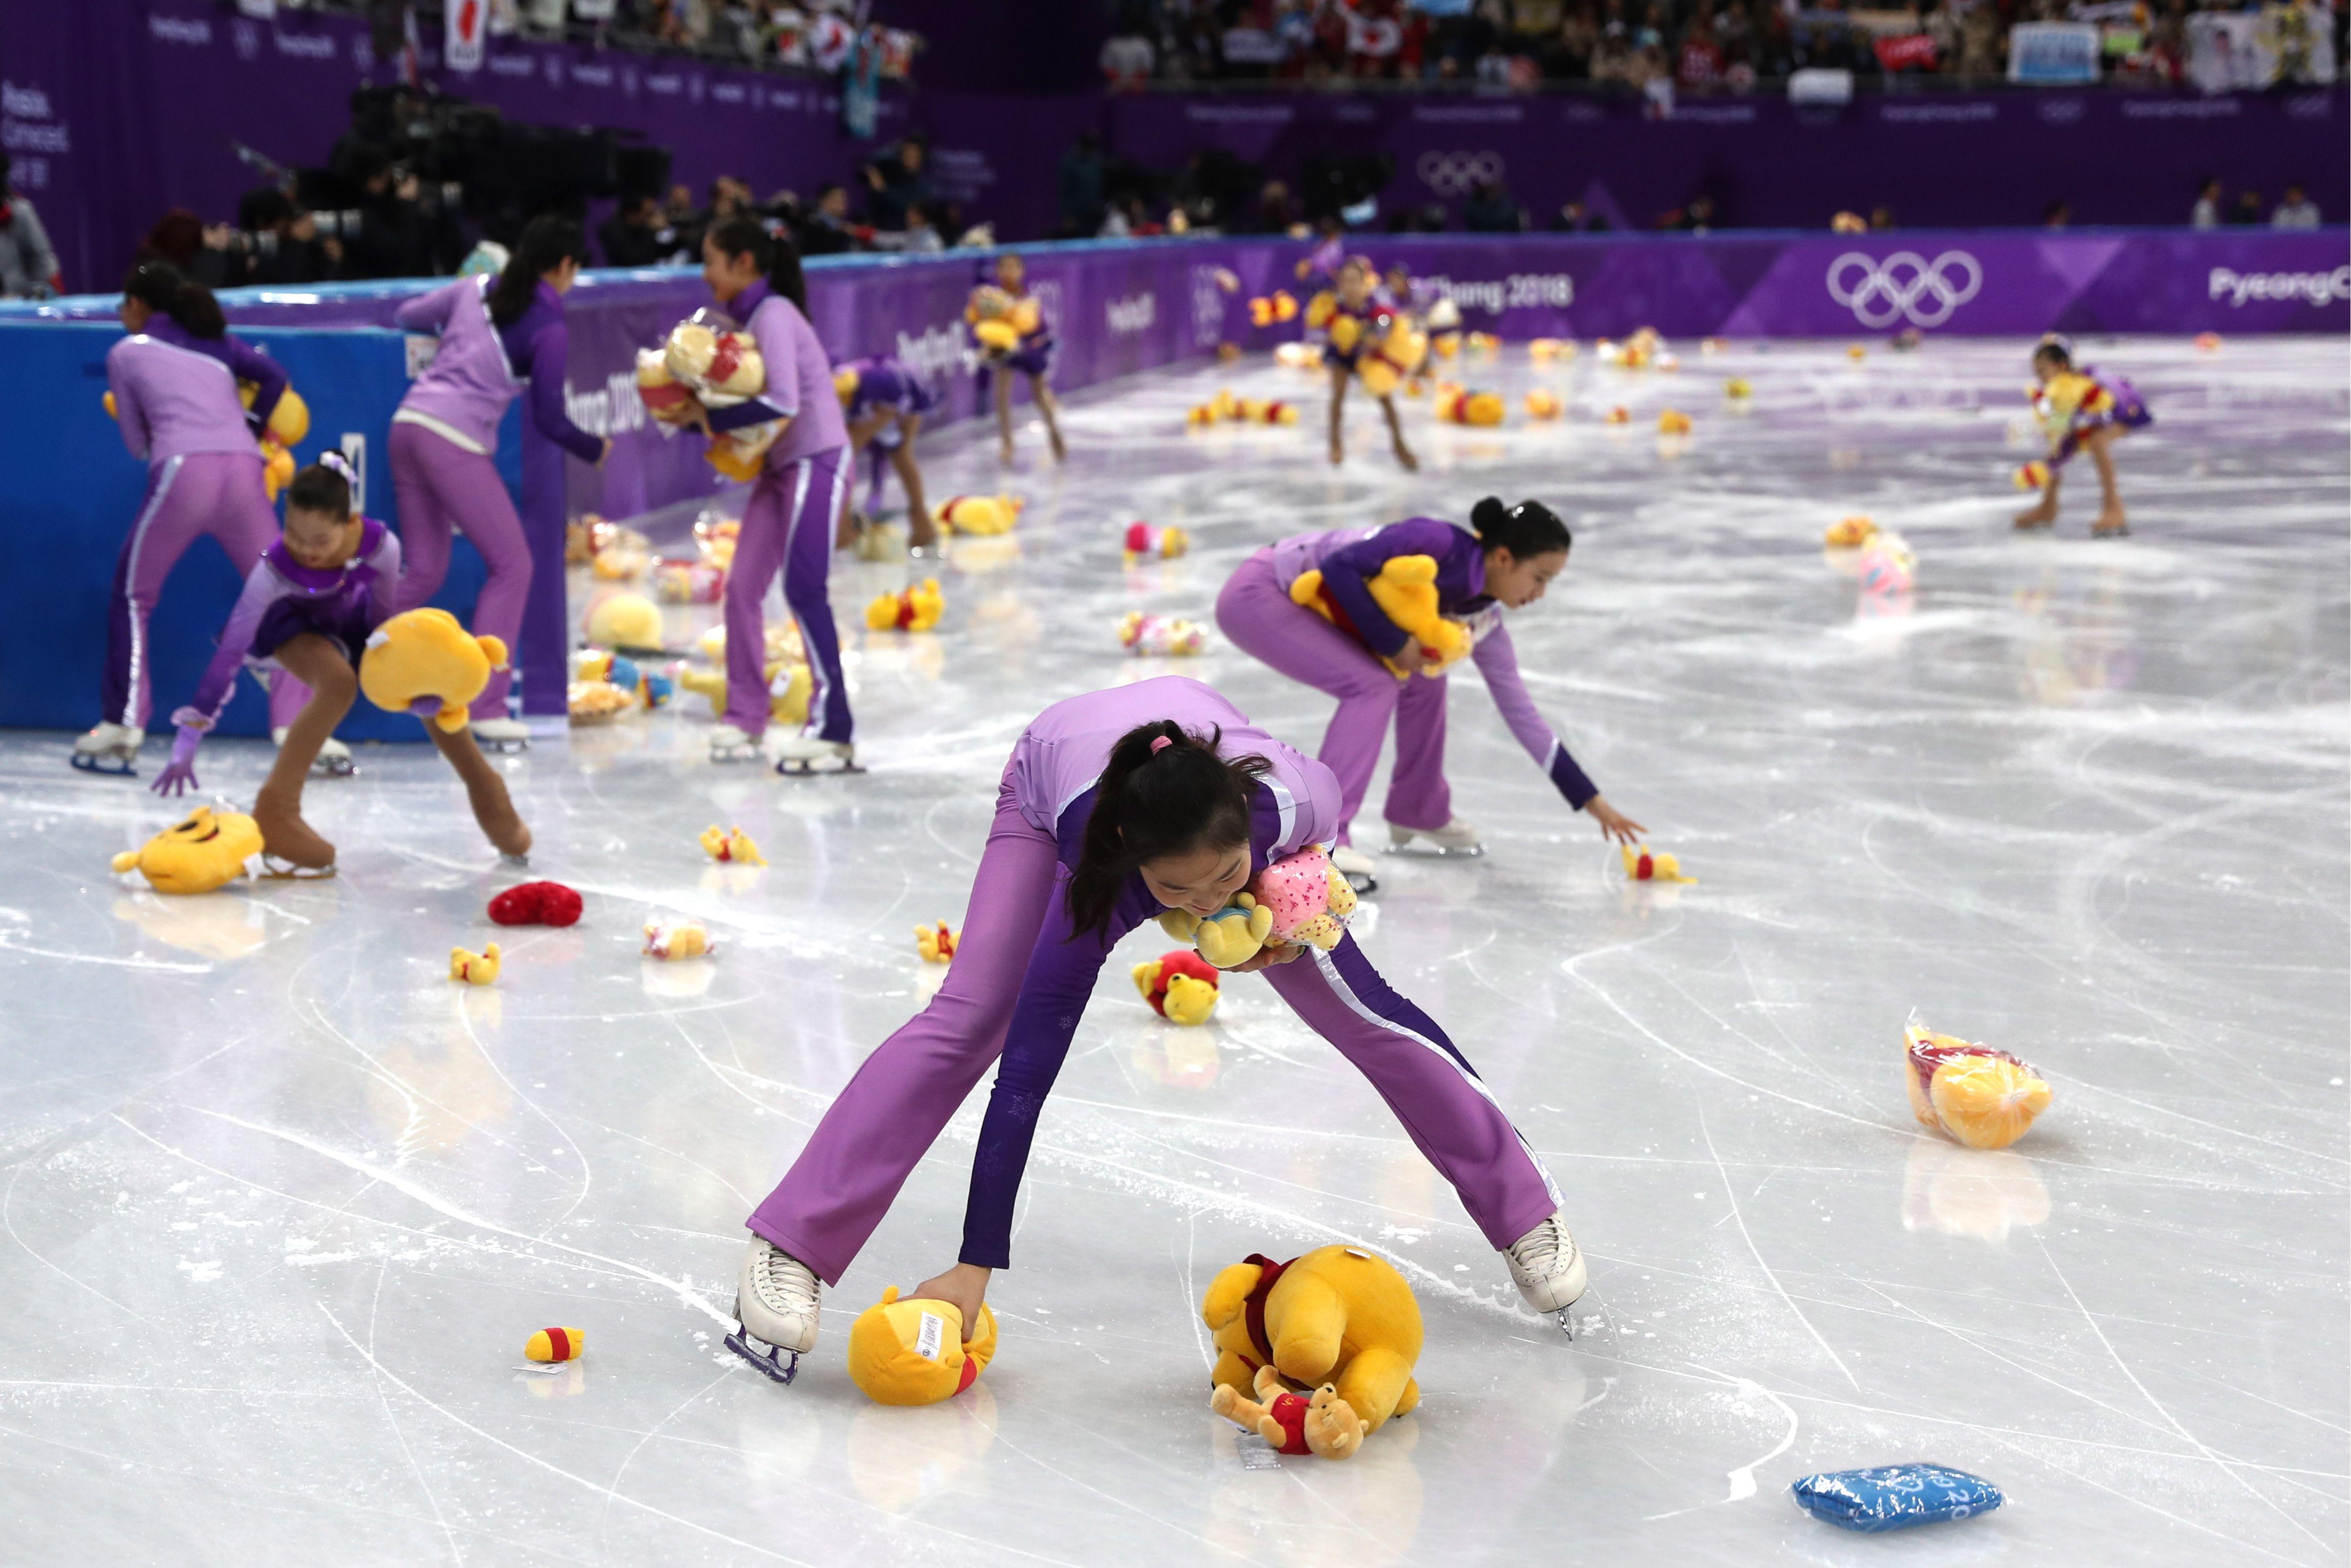 Winnie the Pooh figure skating